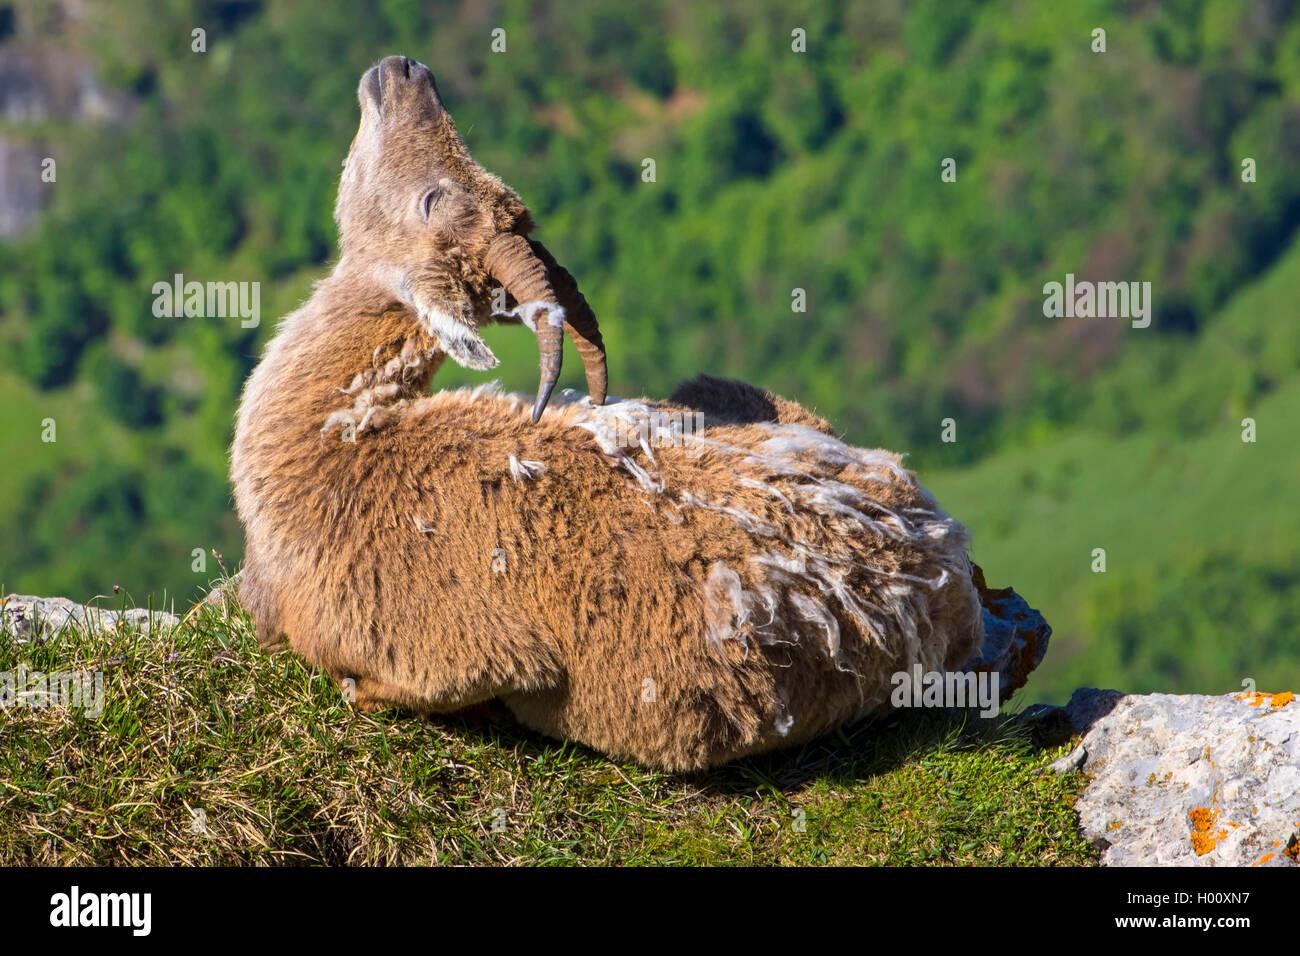 , Alpen-Steinbock Alpensteinbock (Capra ibex, Capra ibex ibex), Geiss im Fellwechsel liegt auf einer sich und kratzt Photo Stock